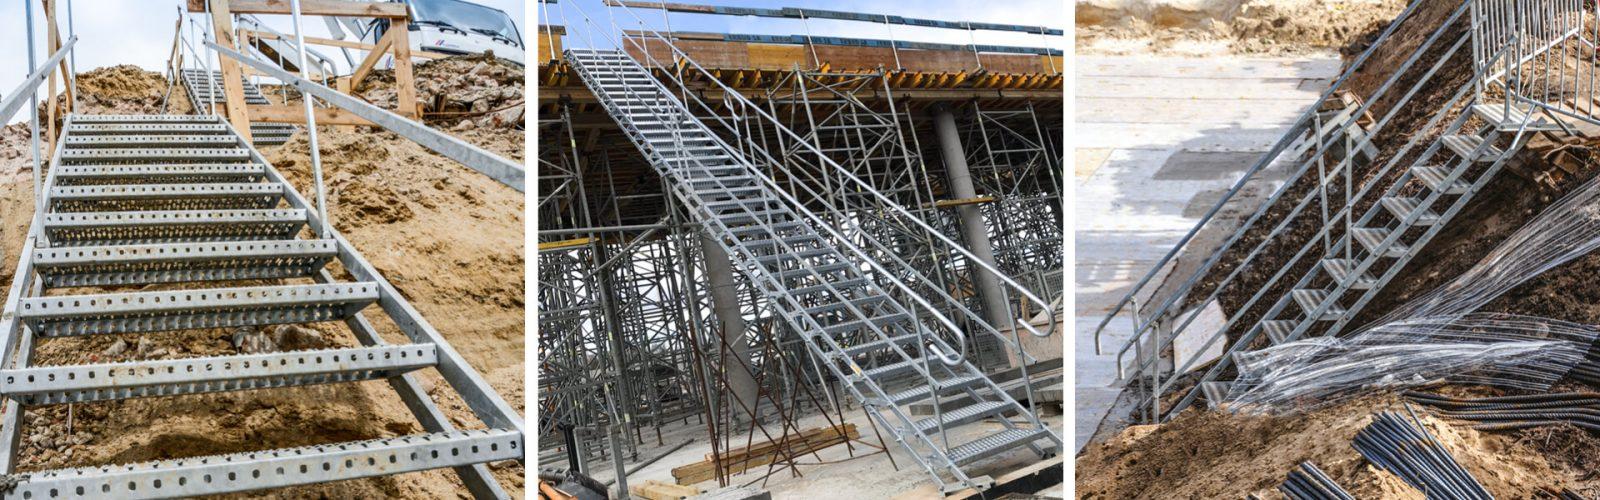 tillfälliga trappor och trapphus